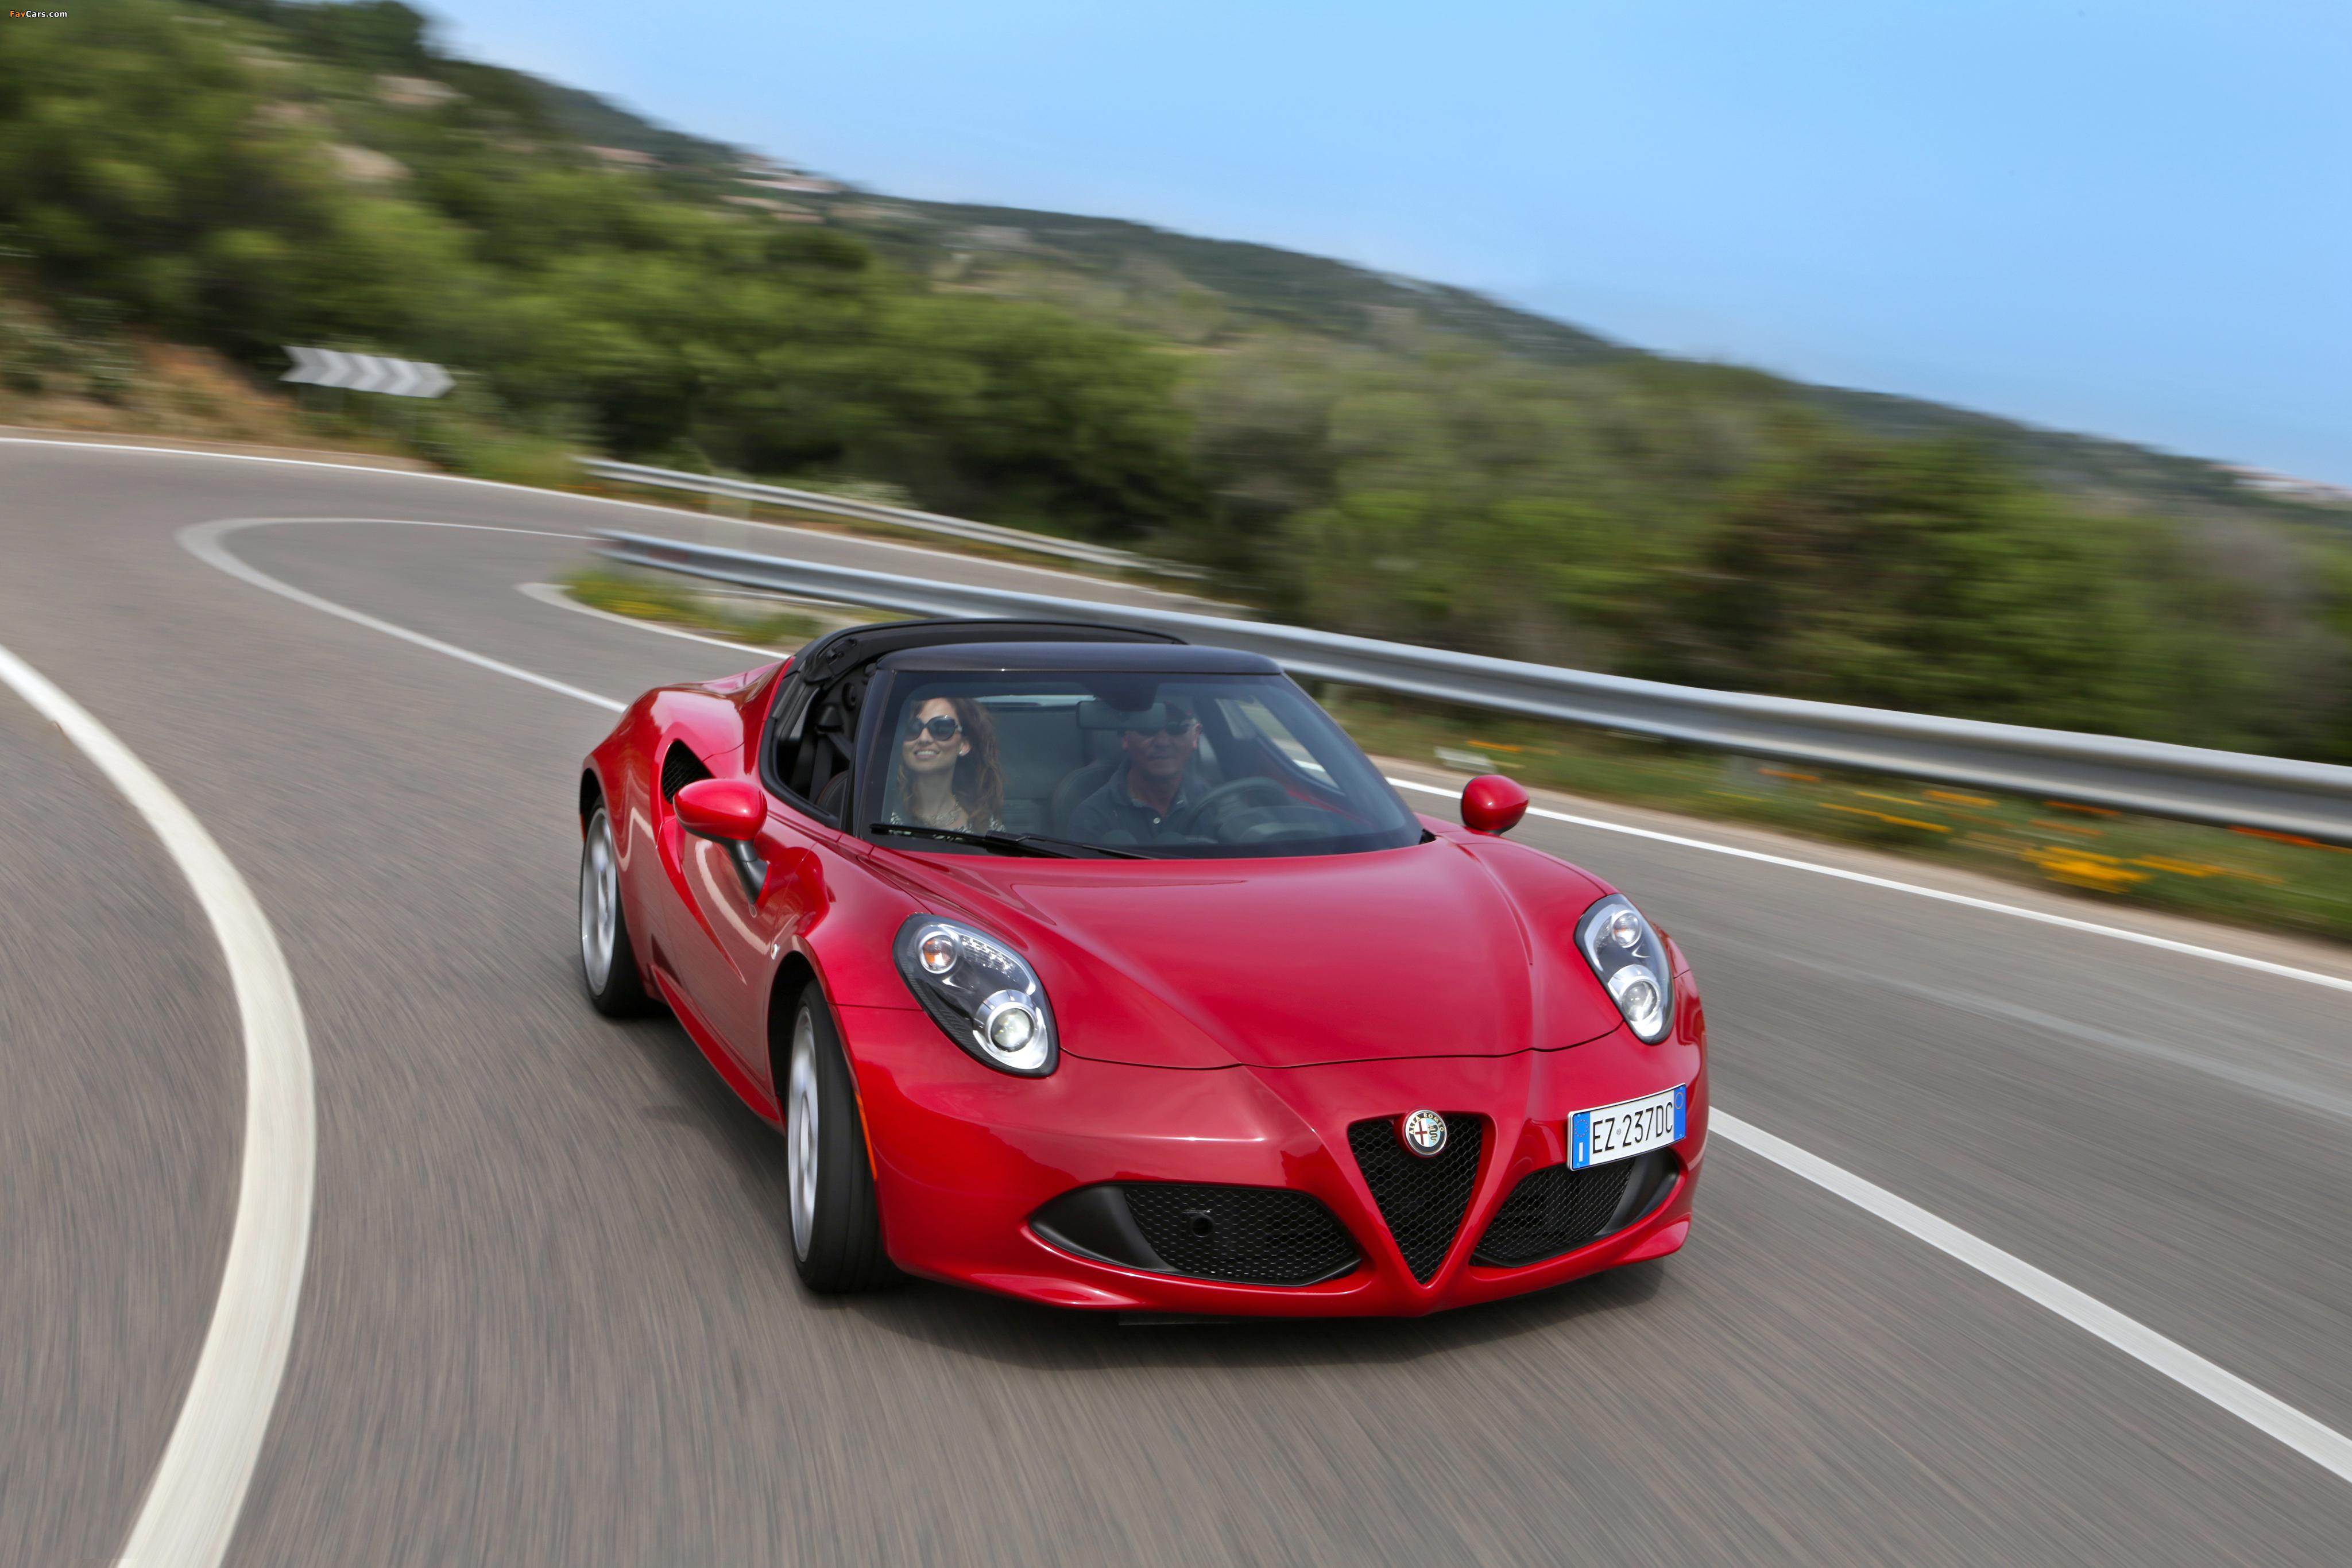 Alfa Romeo 4C Spider (960) 2015 photos (4096 x 2731)